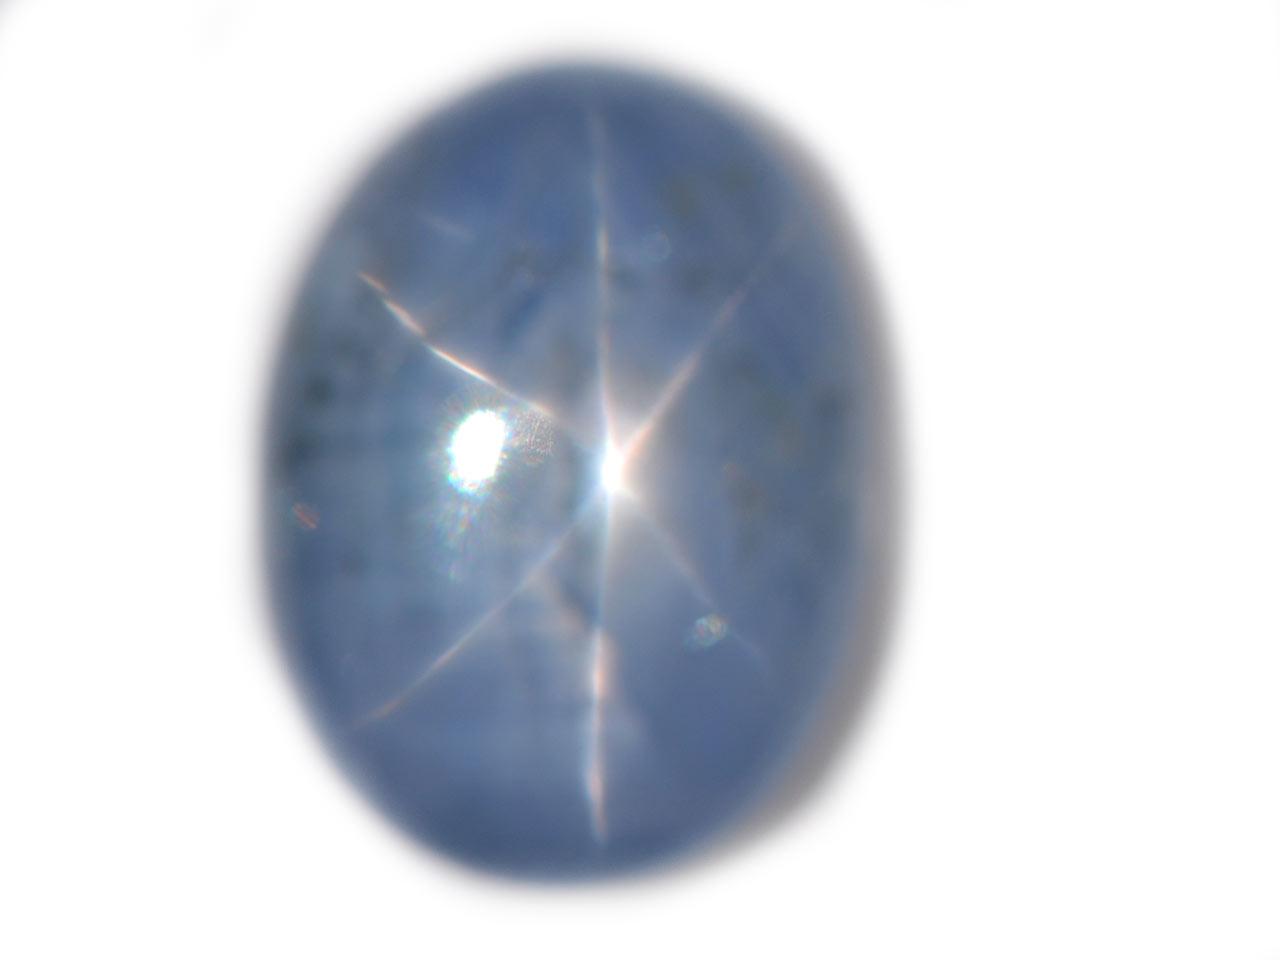 Burma Blue Star Sapphire - 12.22 cts - 16x12x6mm